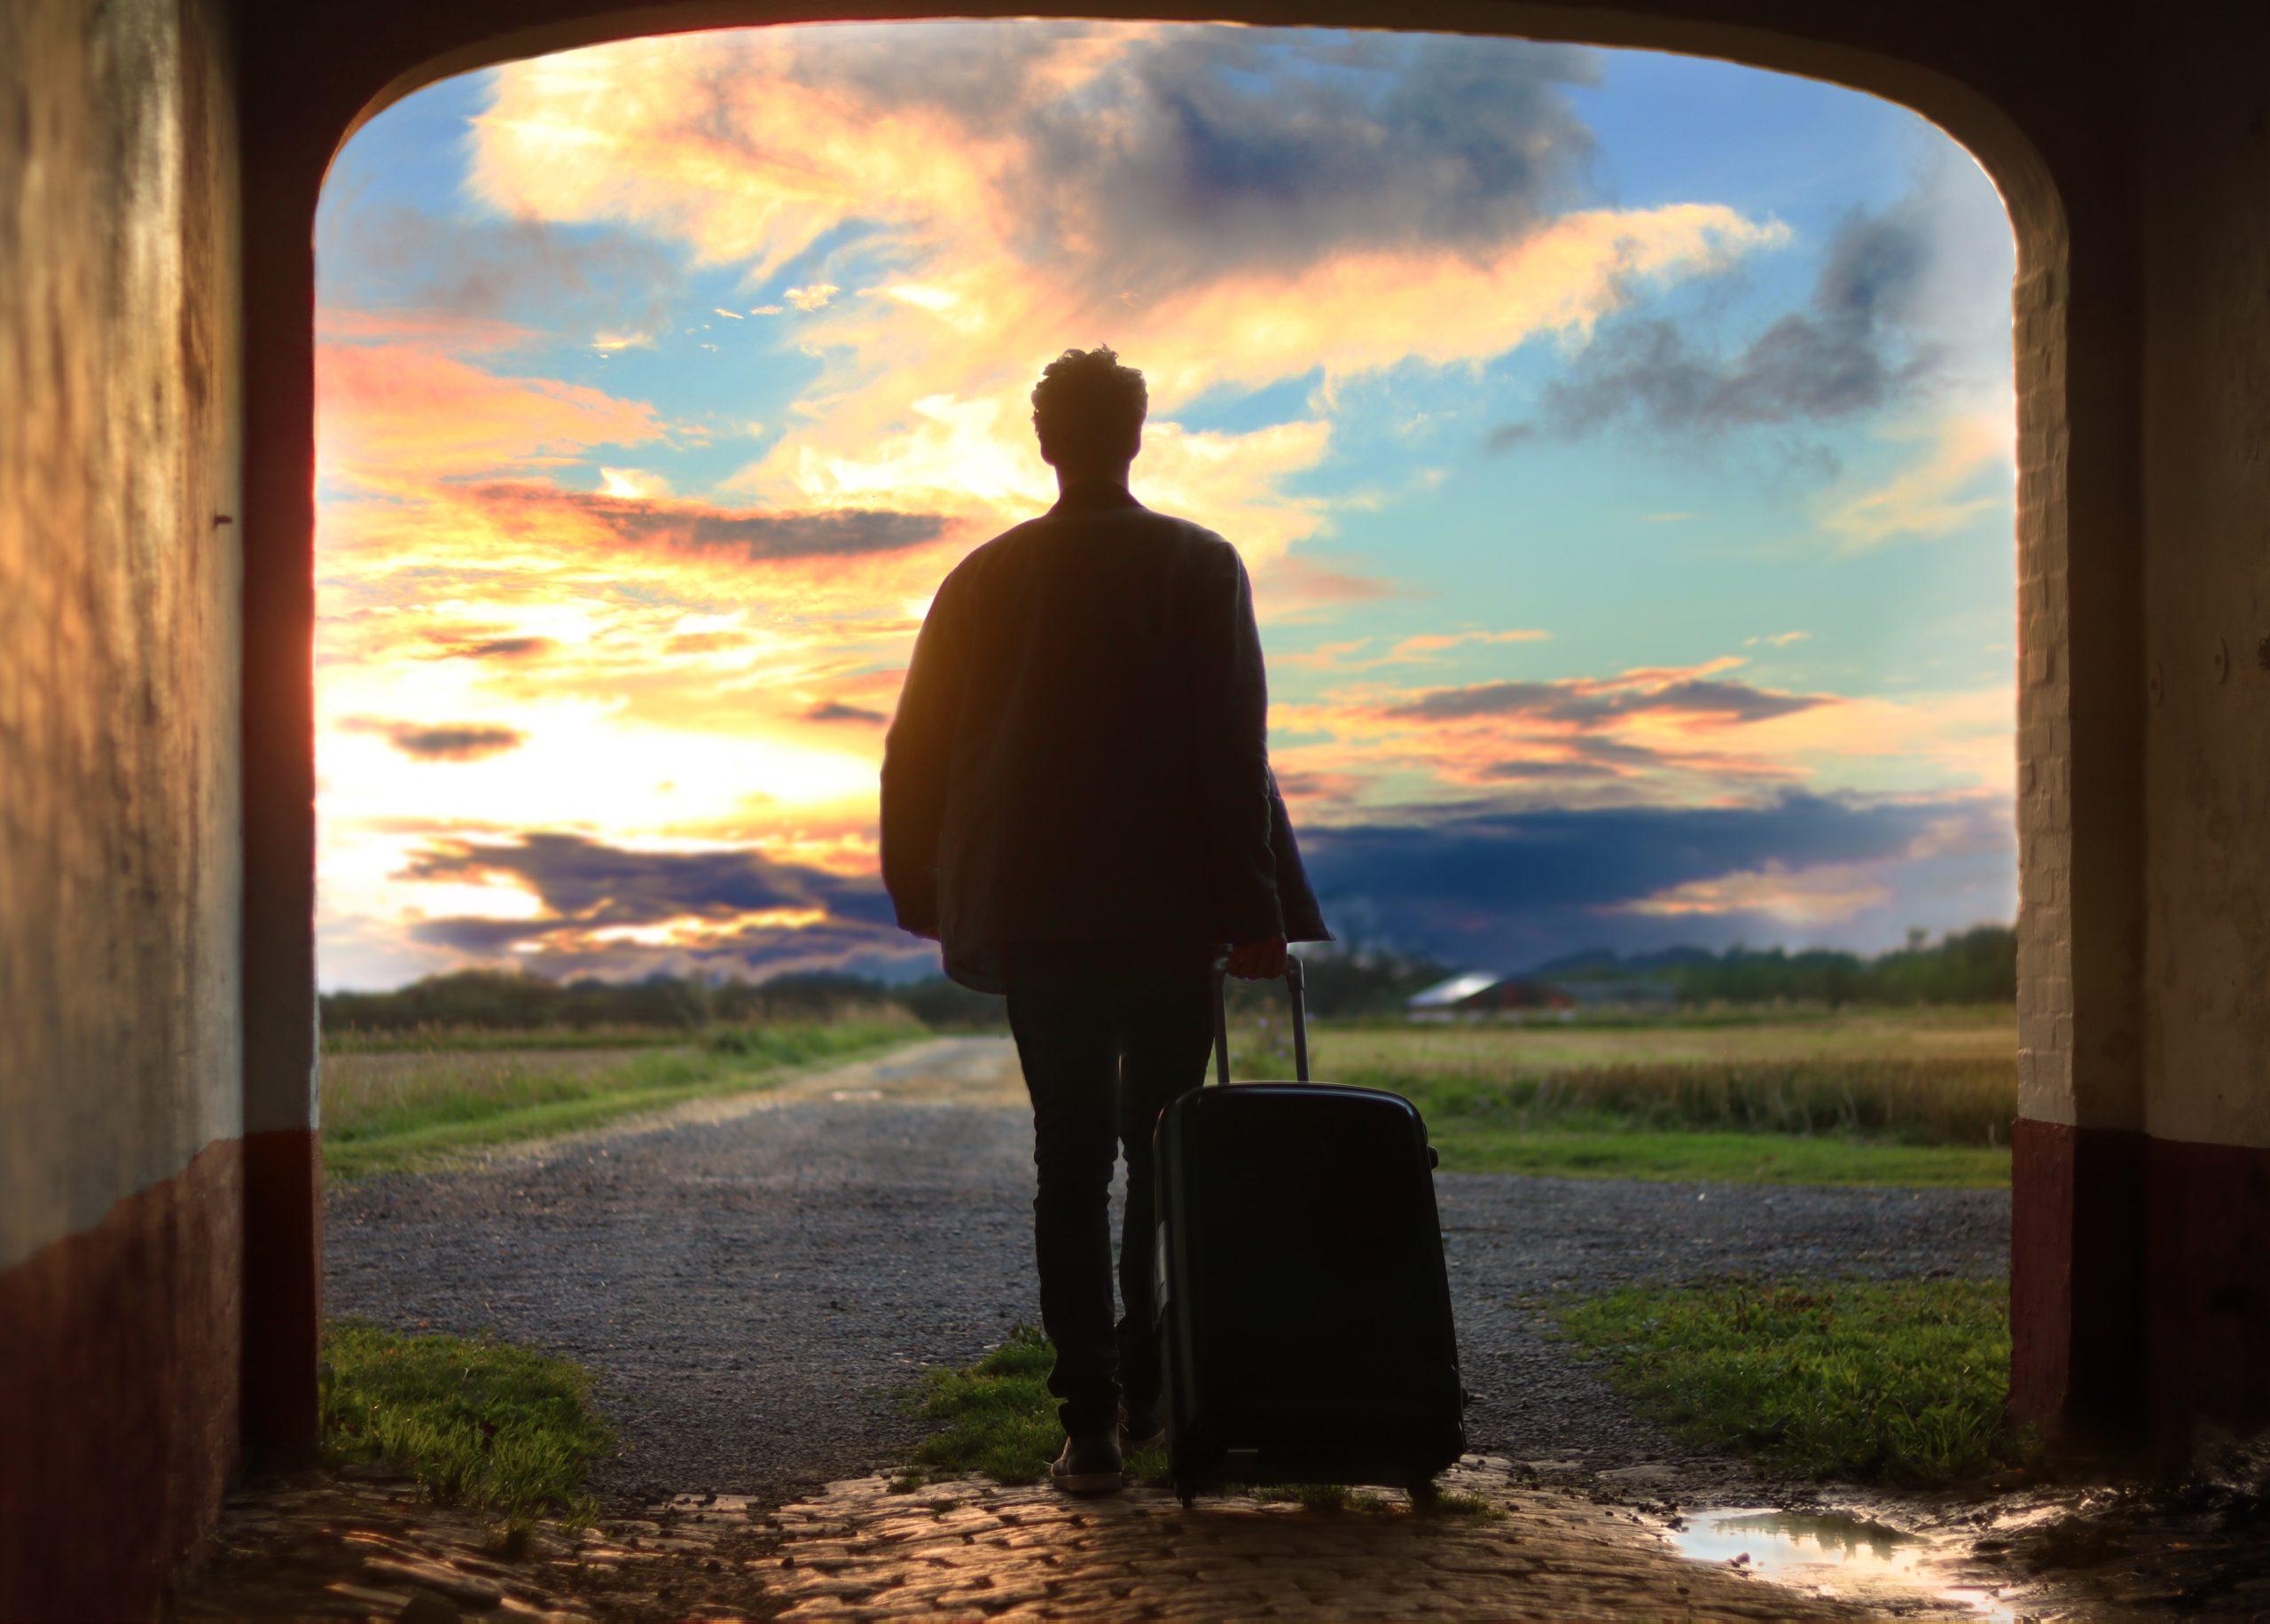 海外留学・お金がない人必見!最安のプログラムを紹介します!